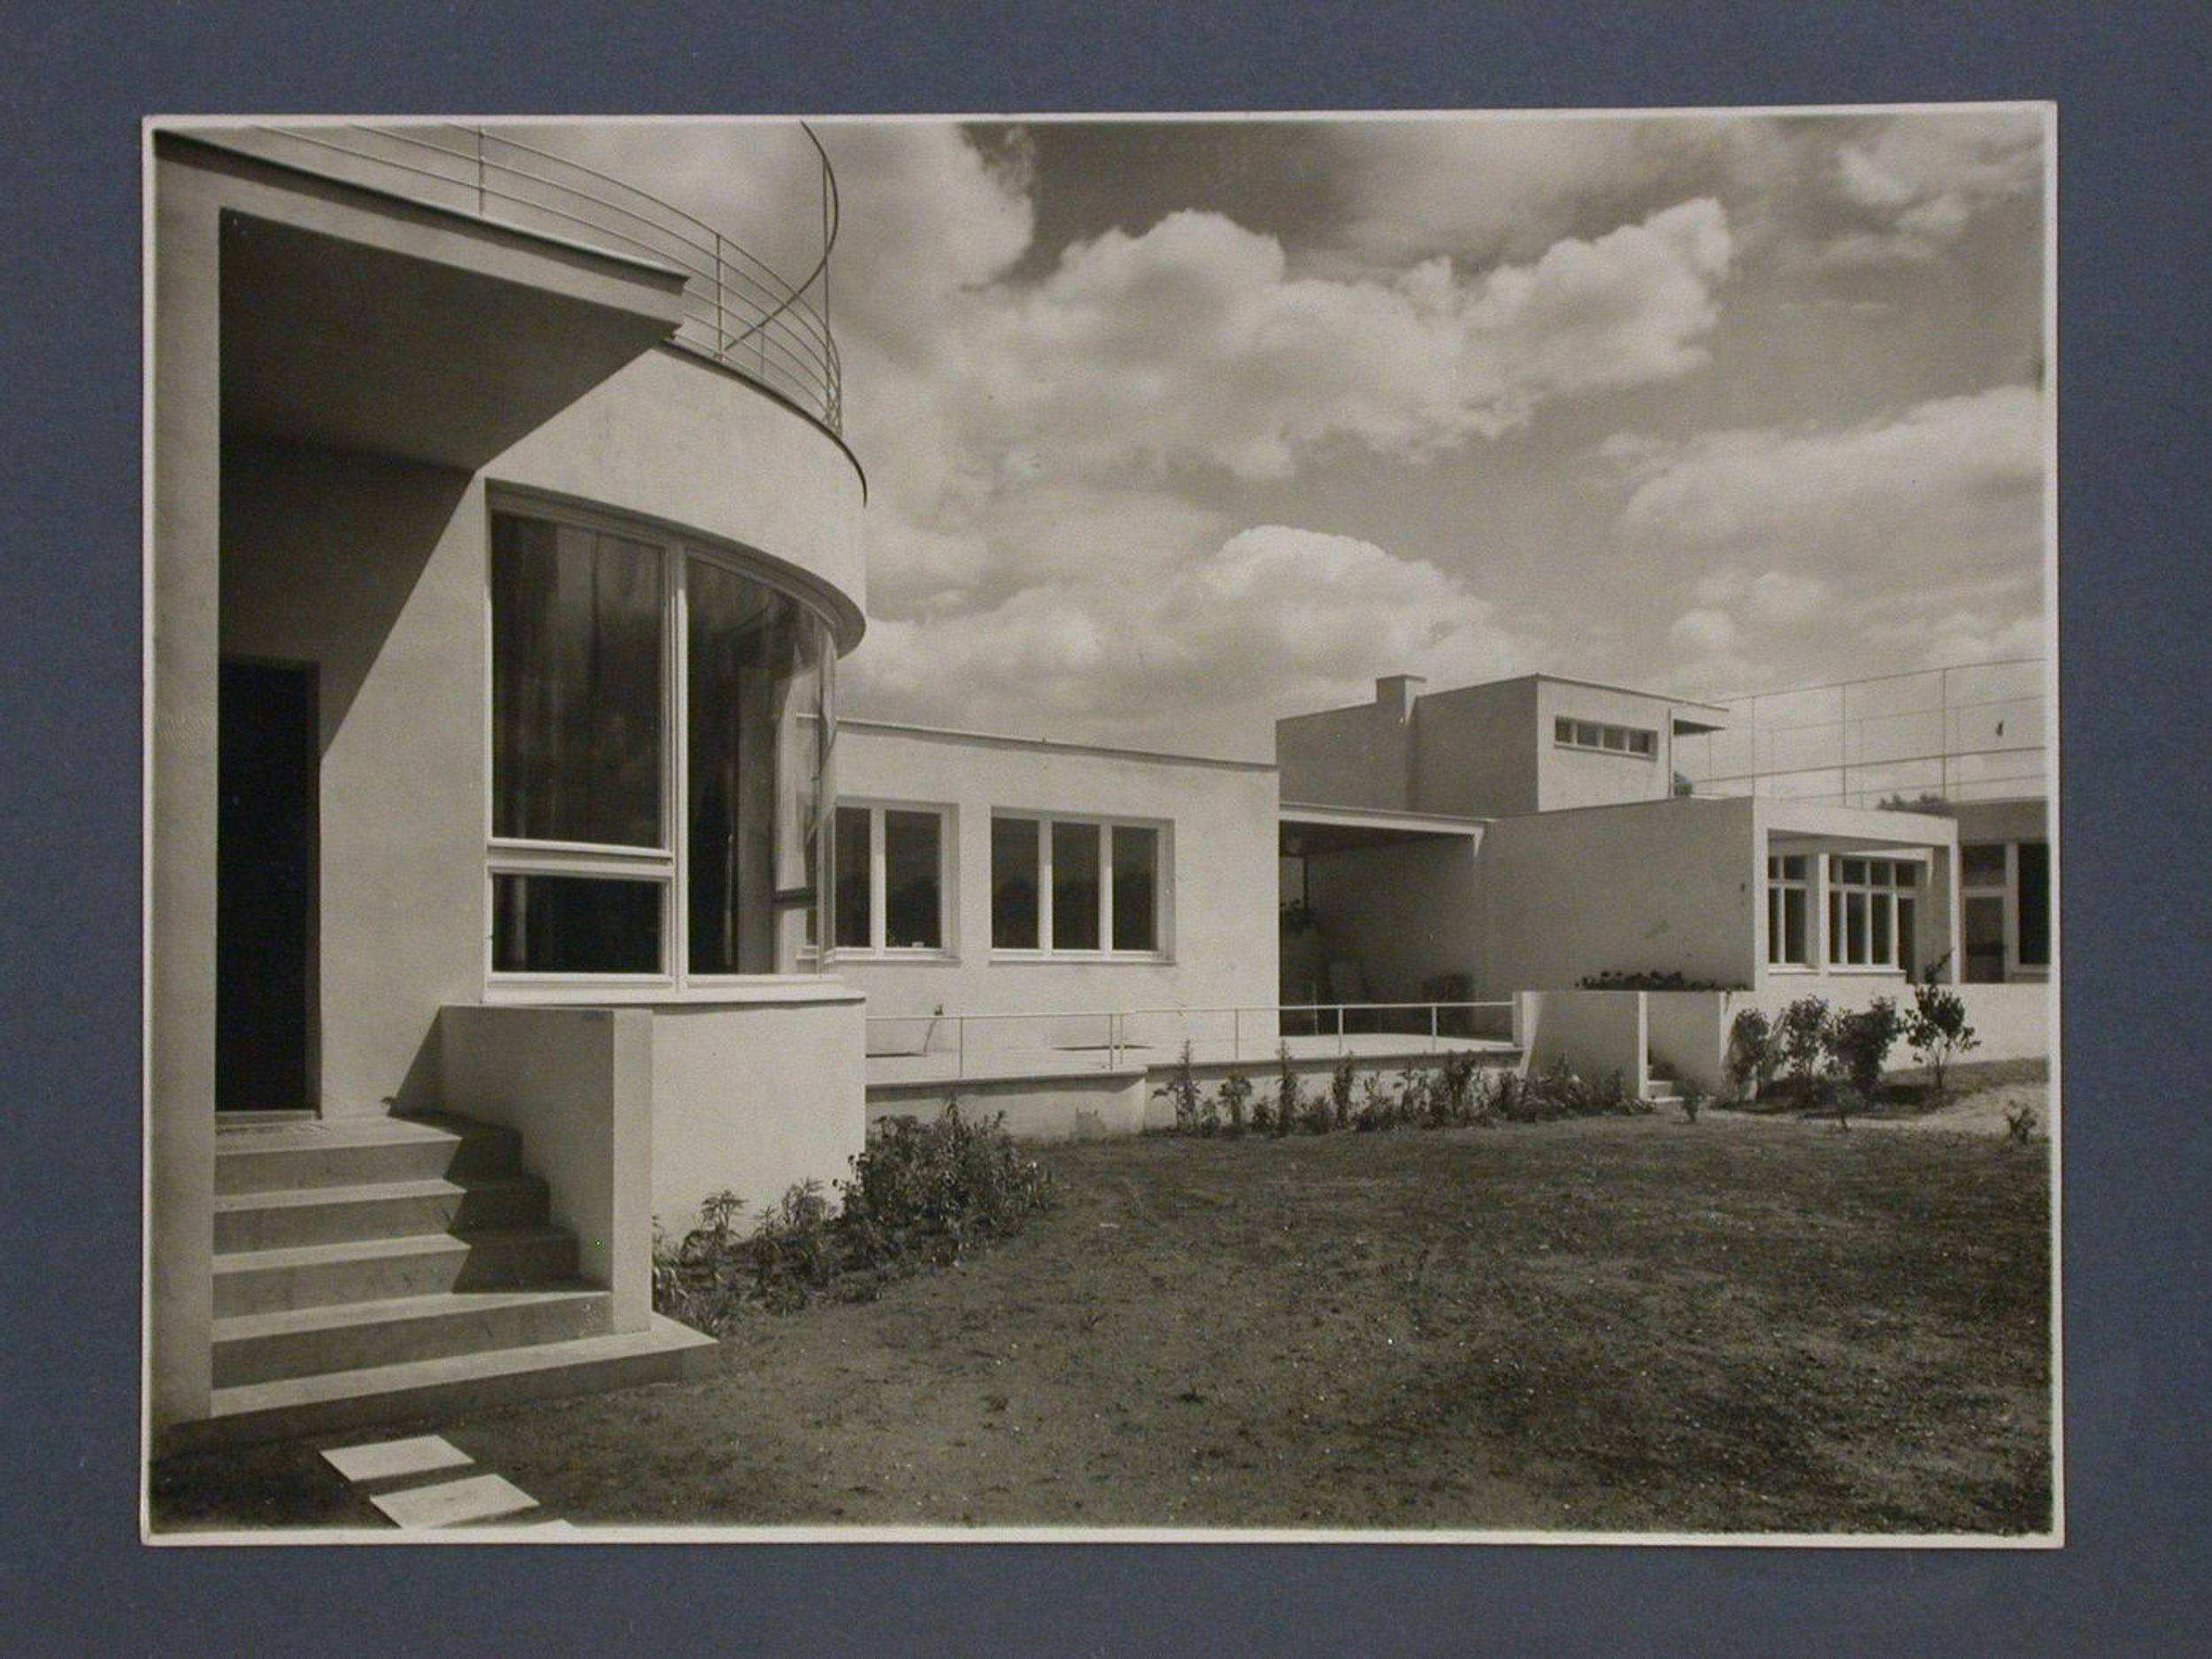 Bauhaus-style architecture, Wroclaw, Poland — Collection Centre Canadien d'Architecture/Canadian Centre for Architecture, Montréal